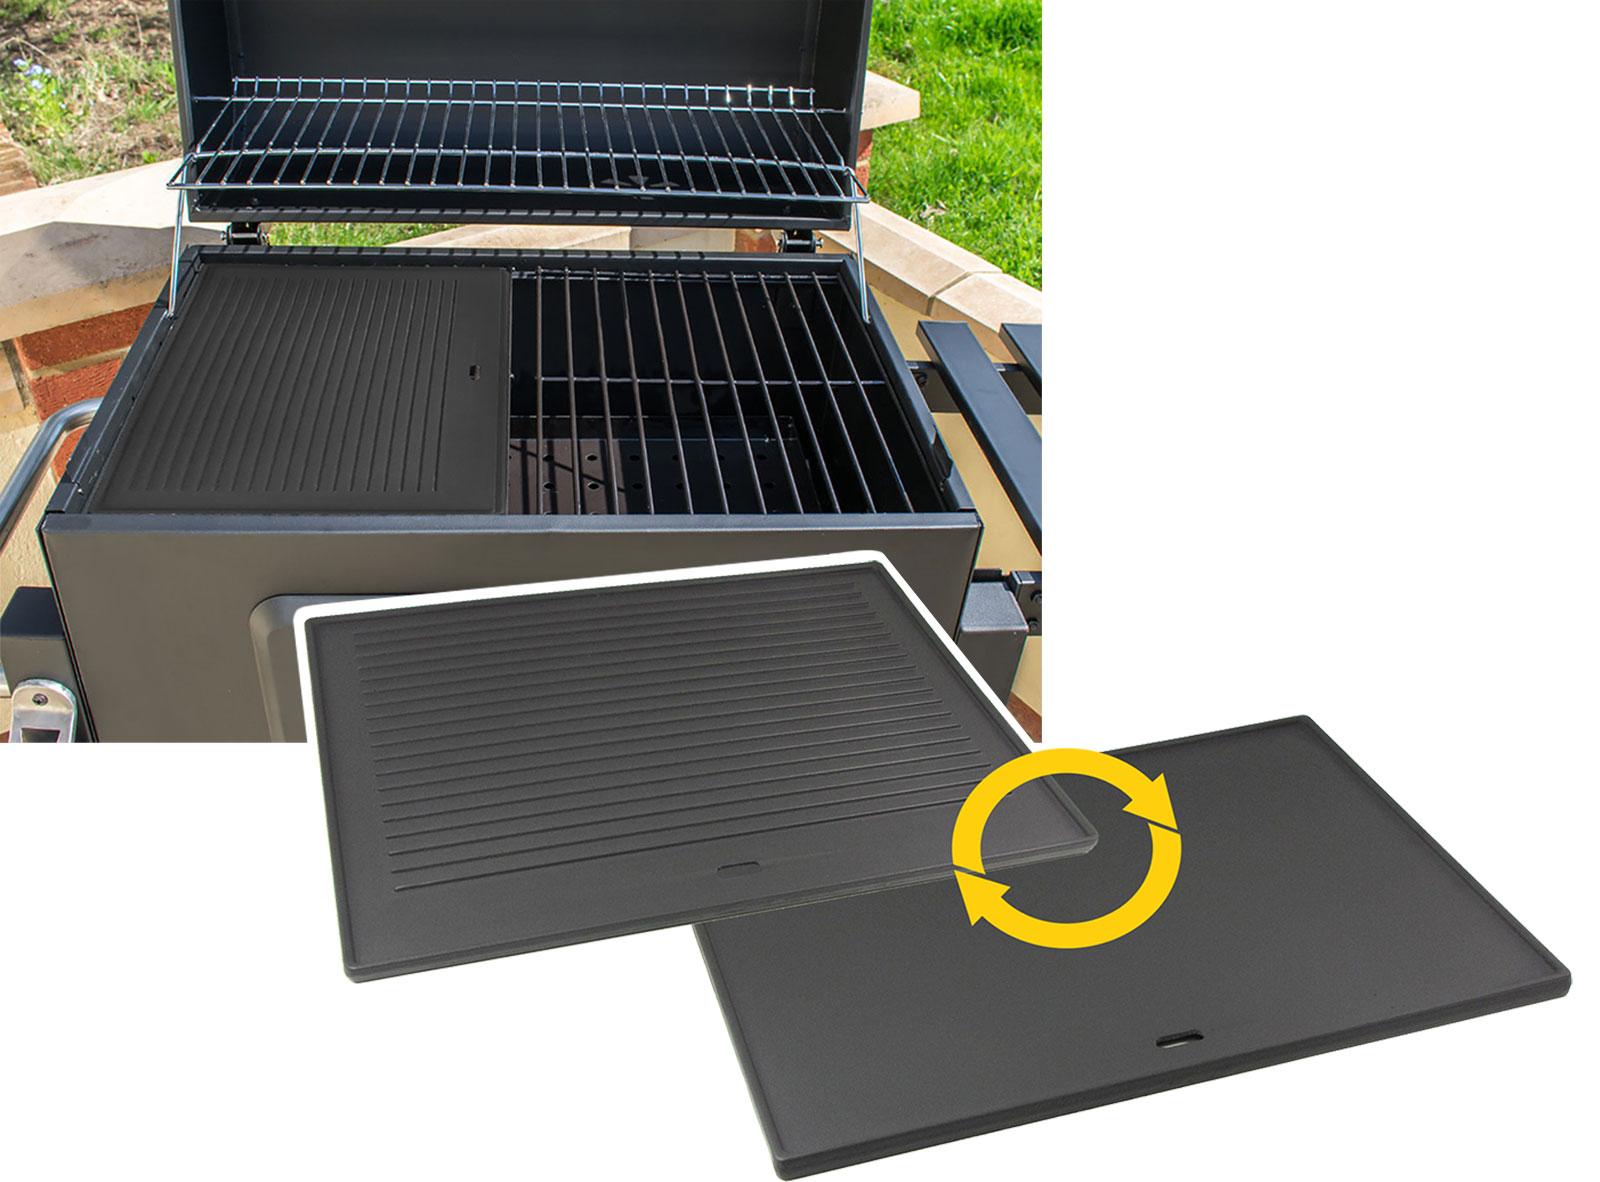 Grillplatte Für Gasgrill Landmann : Grillplatte gasgrill profi gas grill gasgrill grillplatte